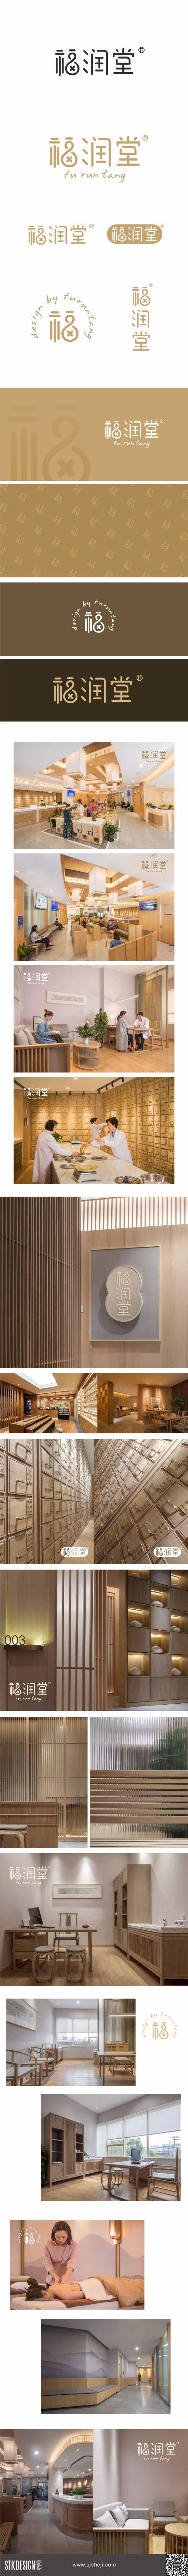 福润堂中医馆LOGO设计